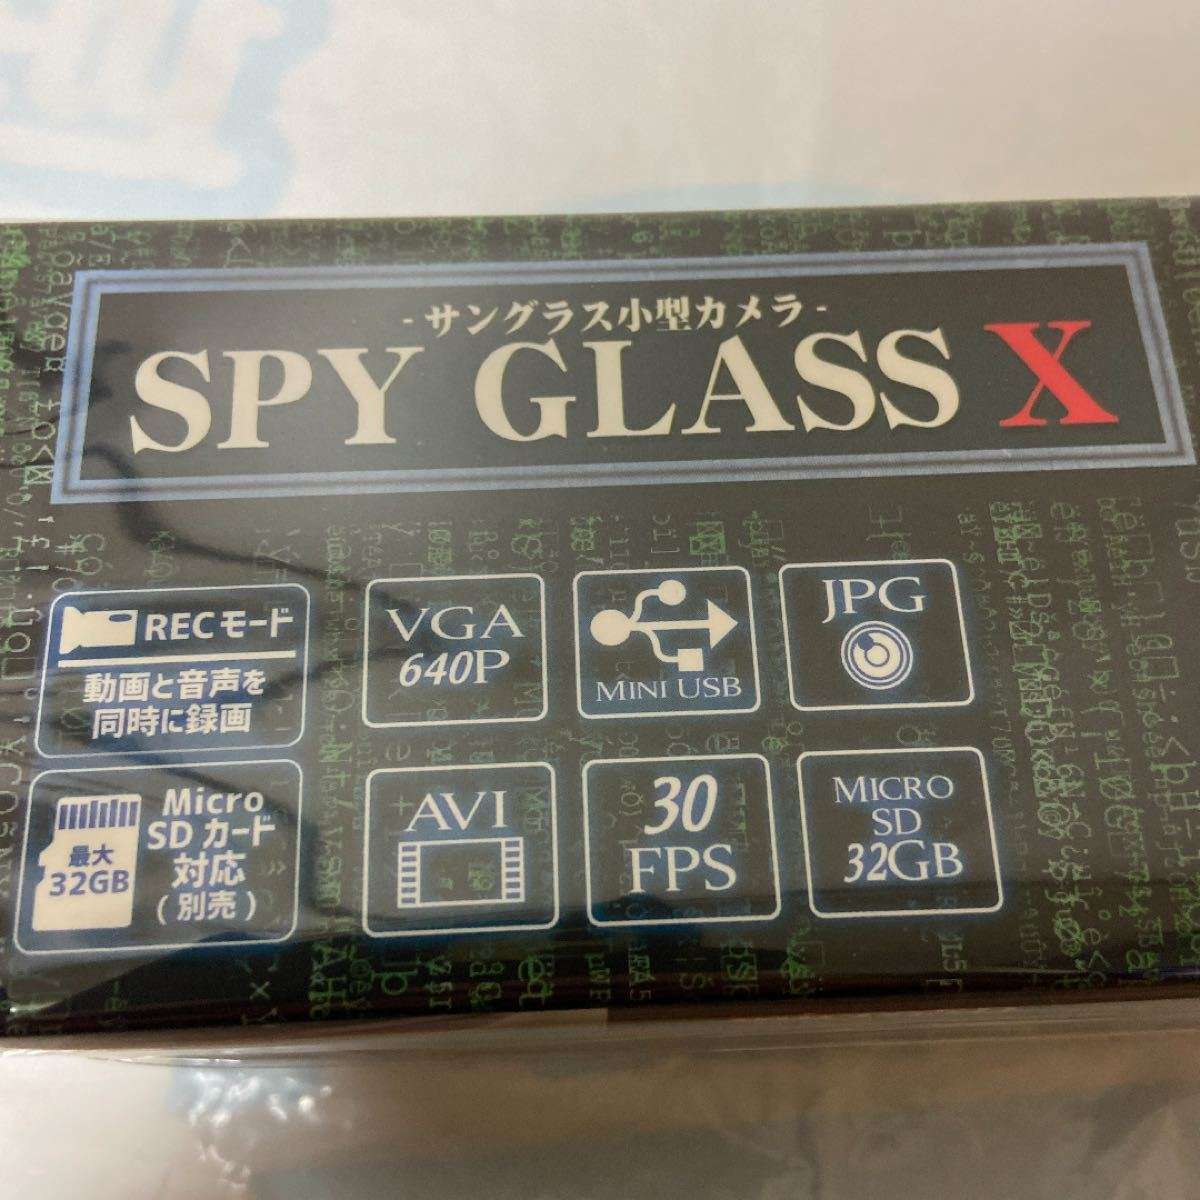 スパイグラス SPY GRASS X  サングラス小型カメラ